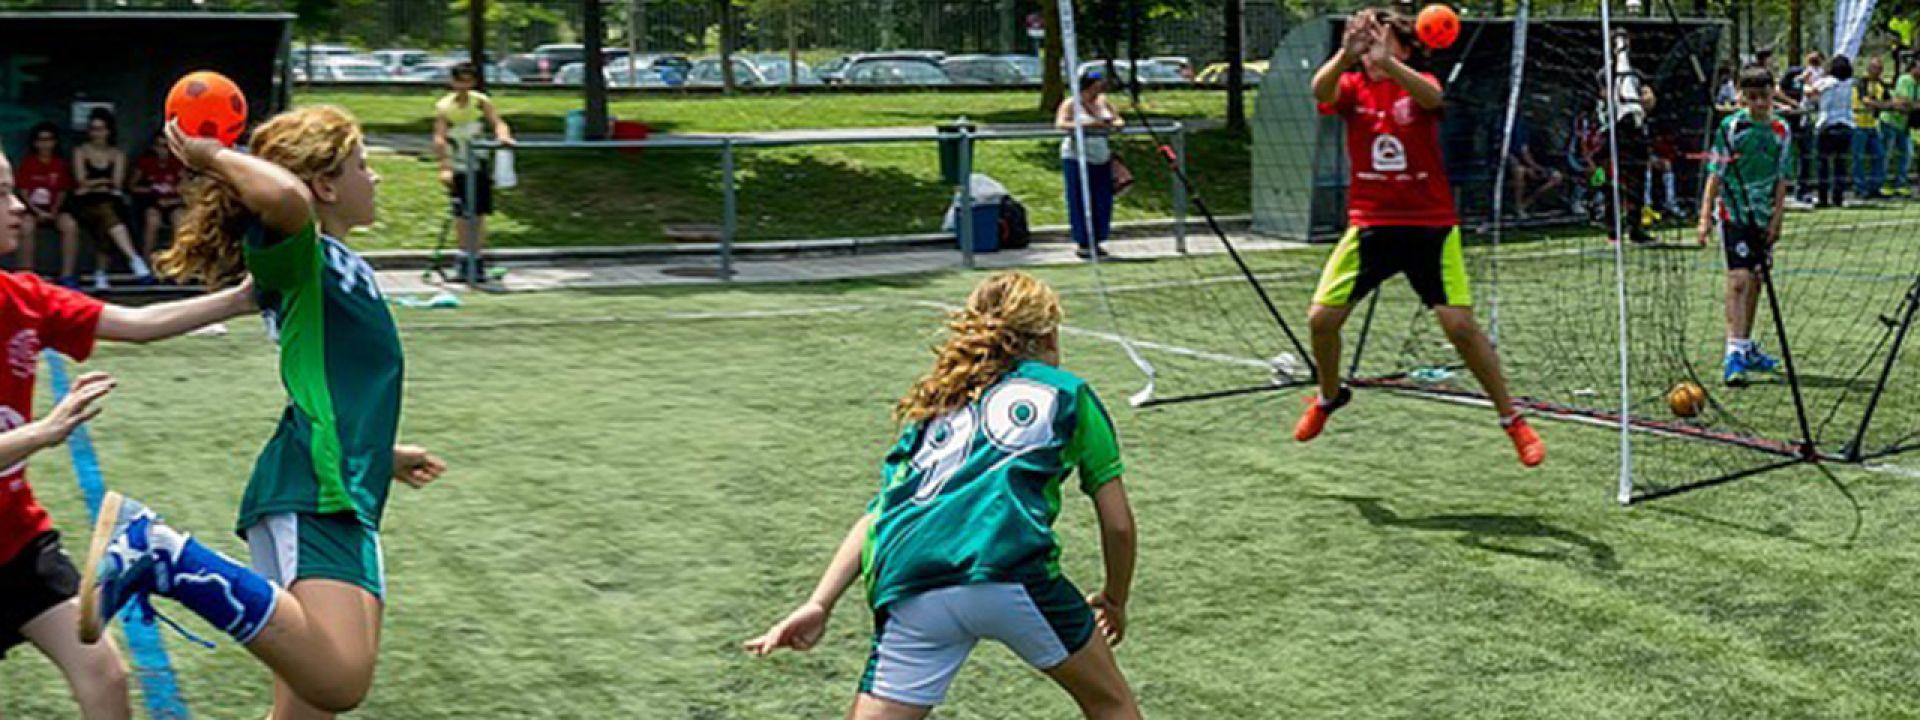 Γνωριμία με το Άθλημα της Χειροσφαίρισης - Εικόνα